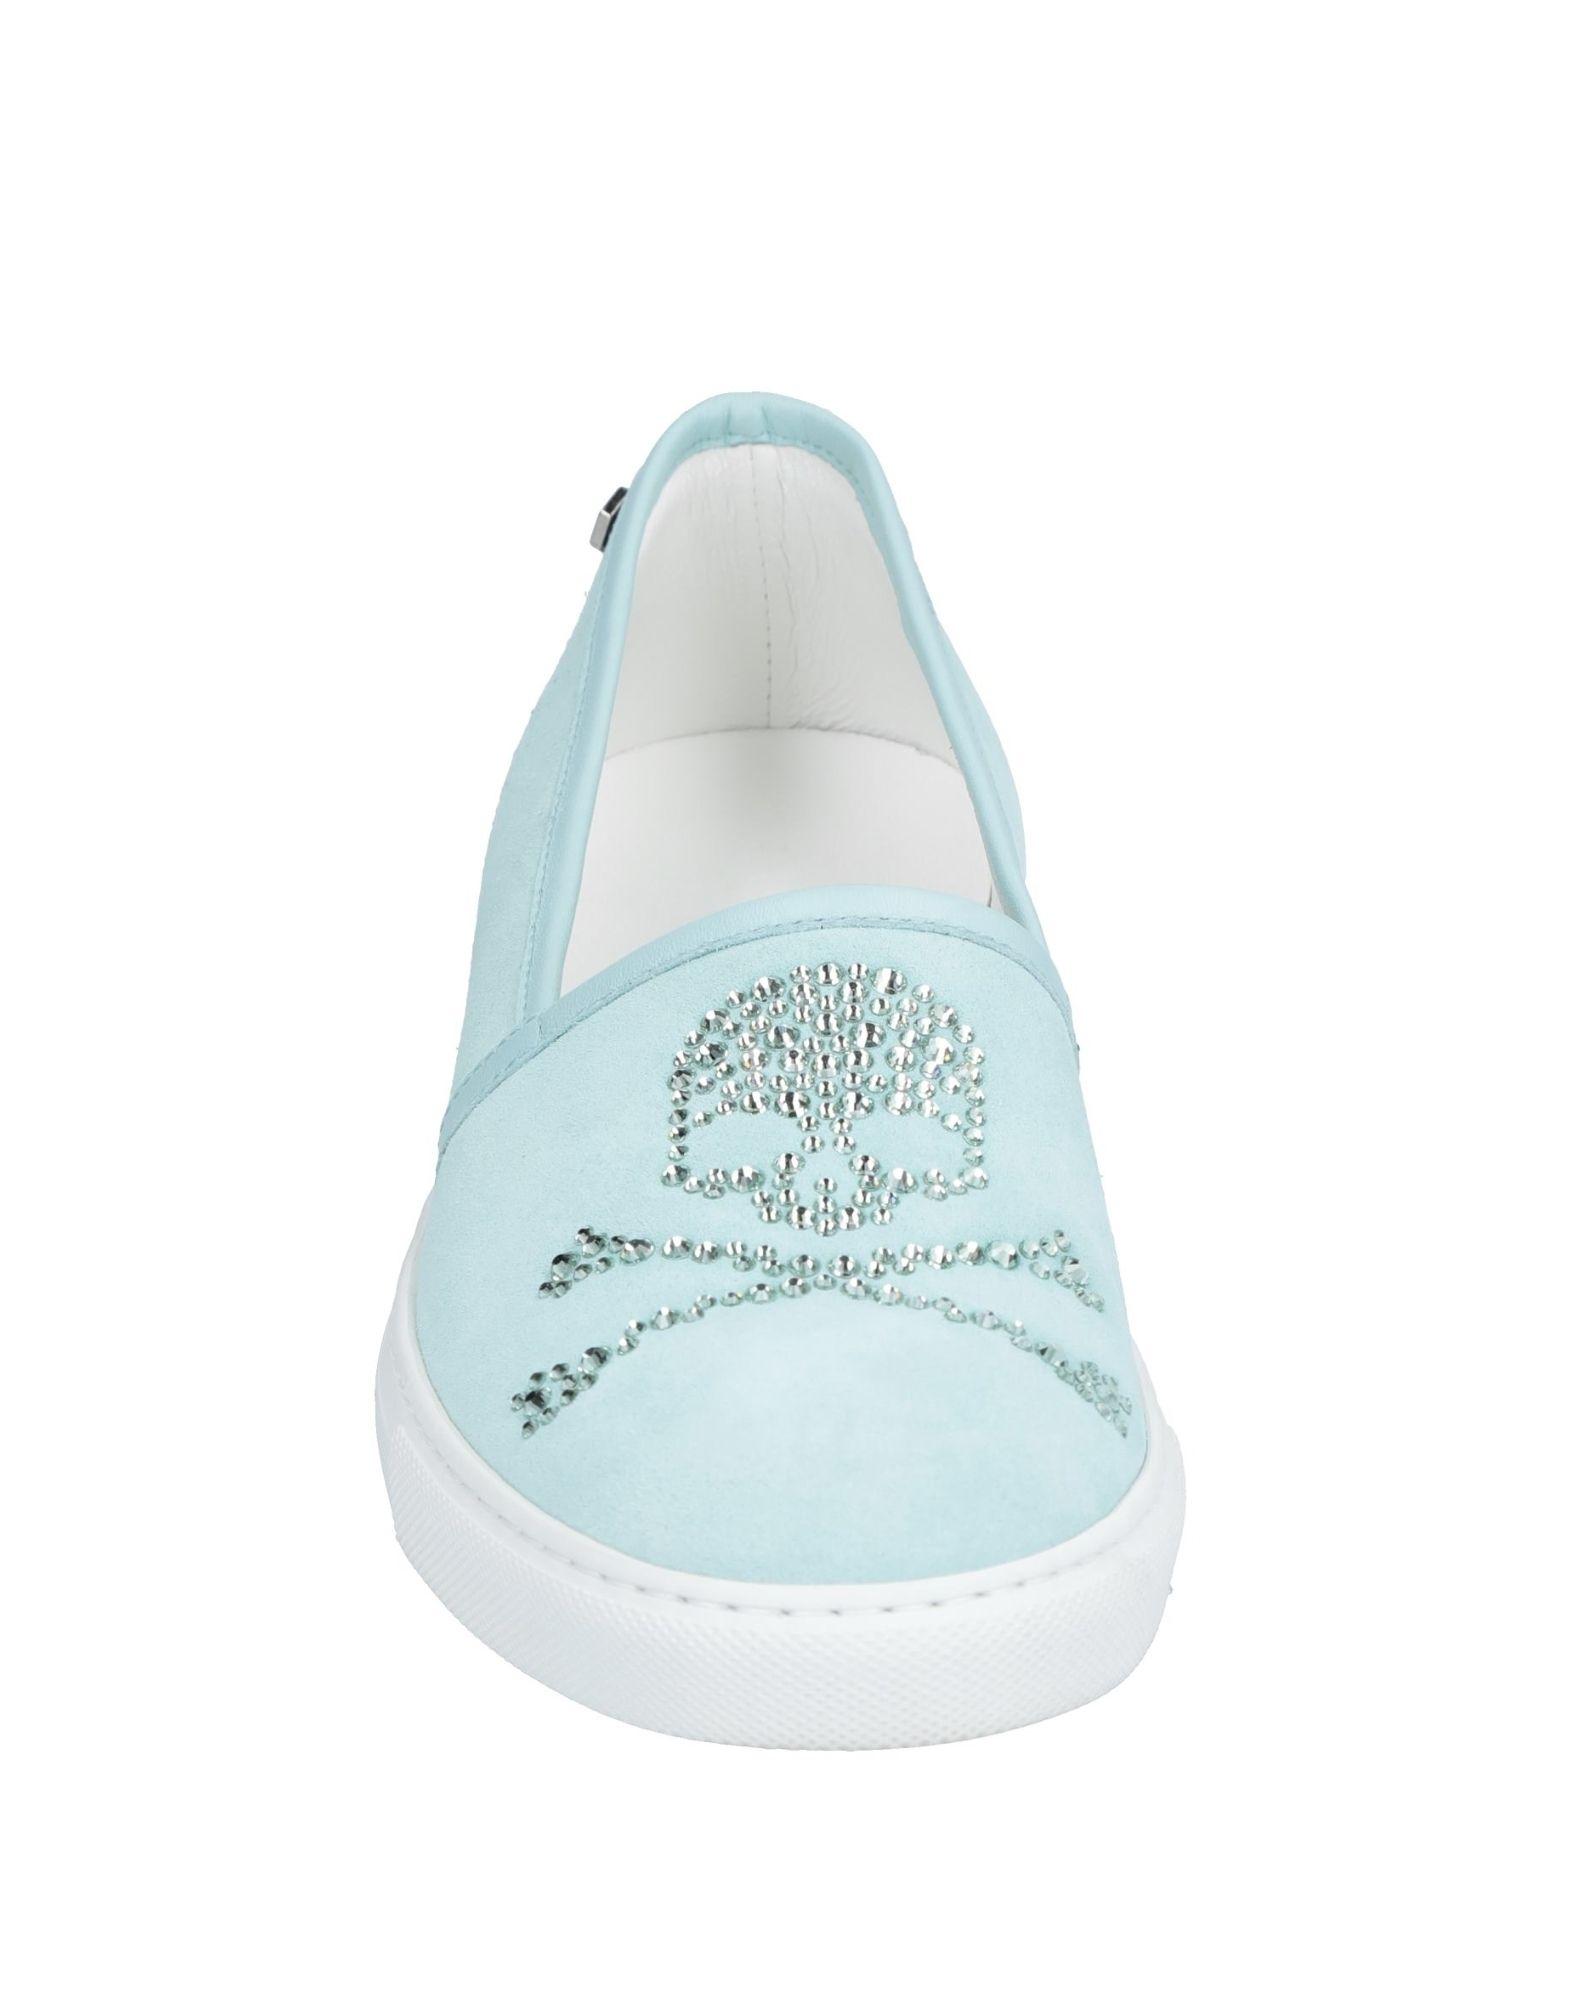 Philipp Plein Sneakers Damen  11430527UK 11430527UK 11430527UK Beliebte Schuhe 5faff9